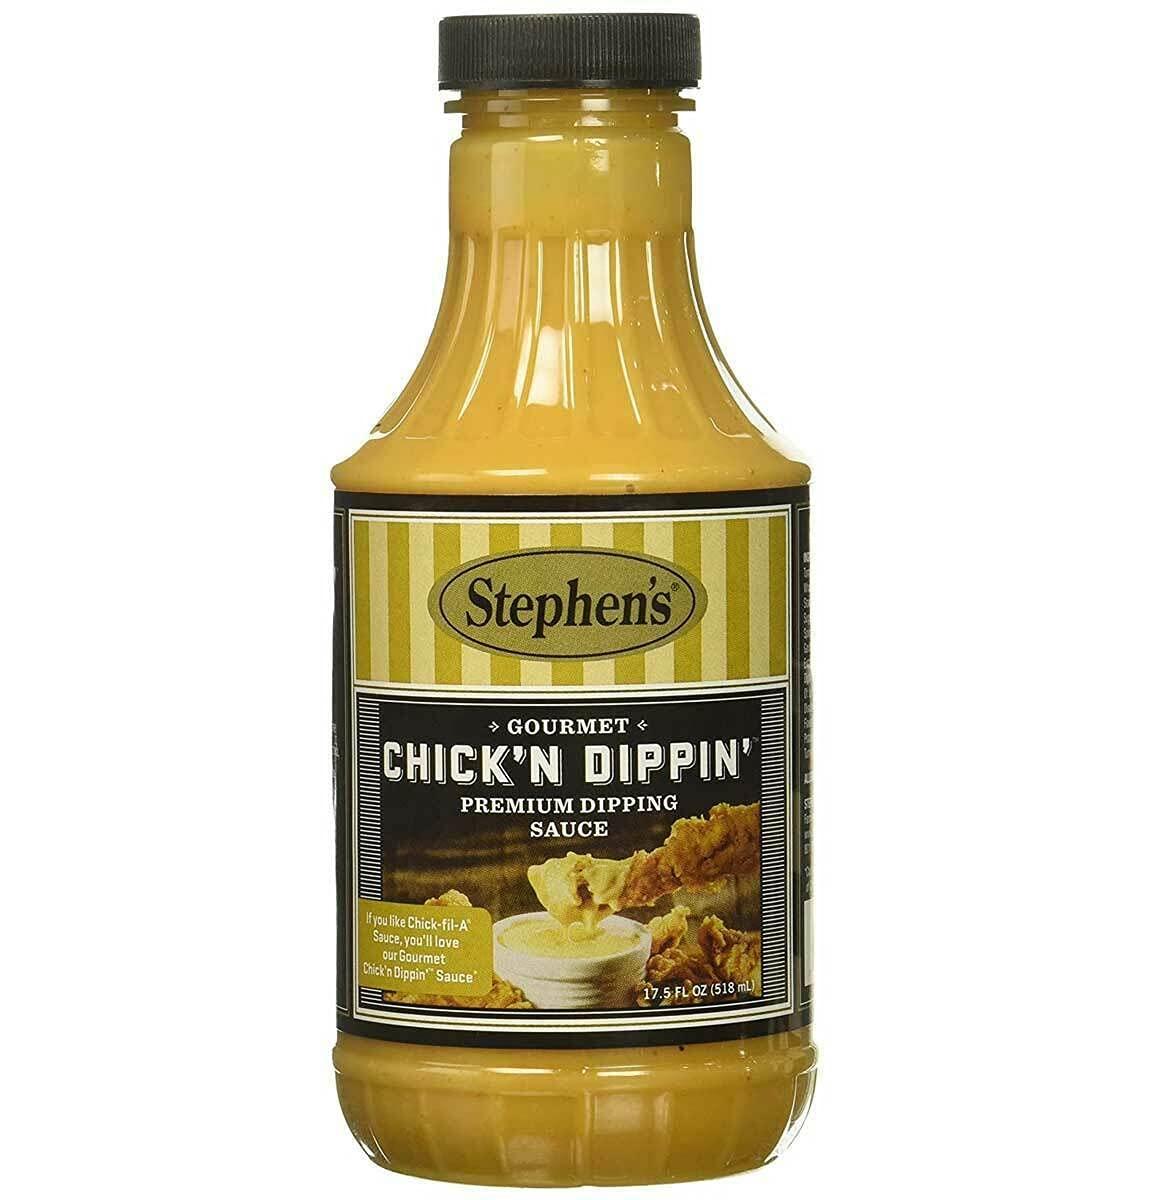 Stephen's Dipping Excellent Sauce 17.5 OZ Superlatite 6 - Chicken Pack